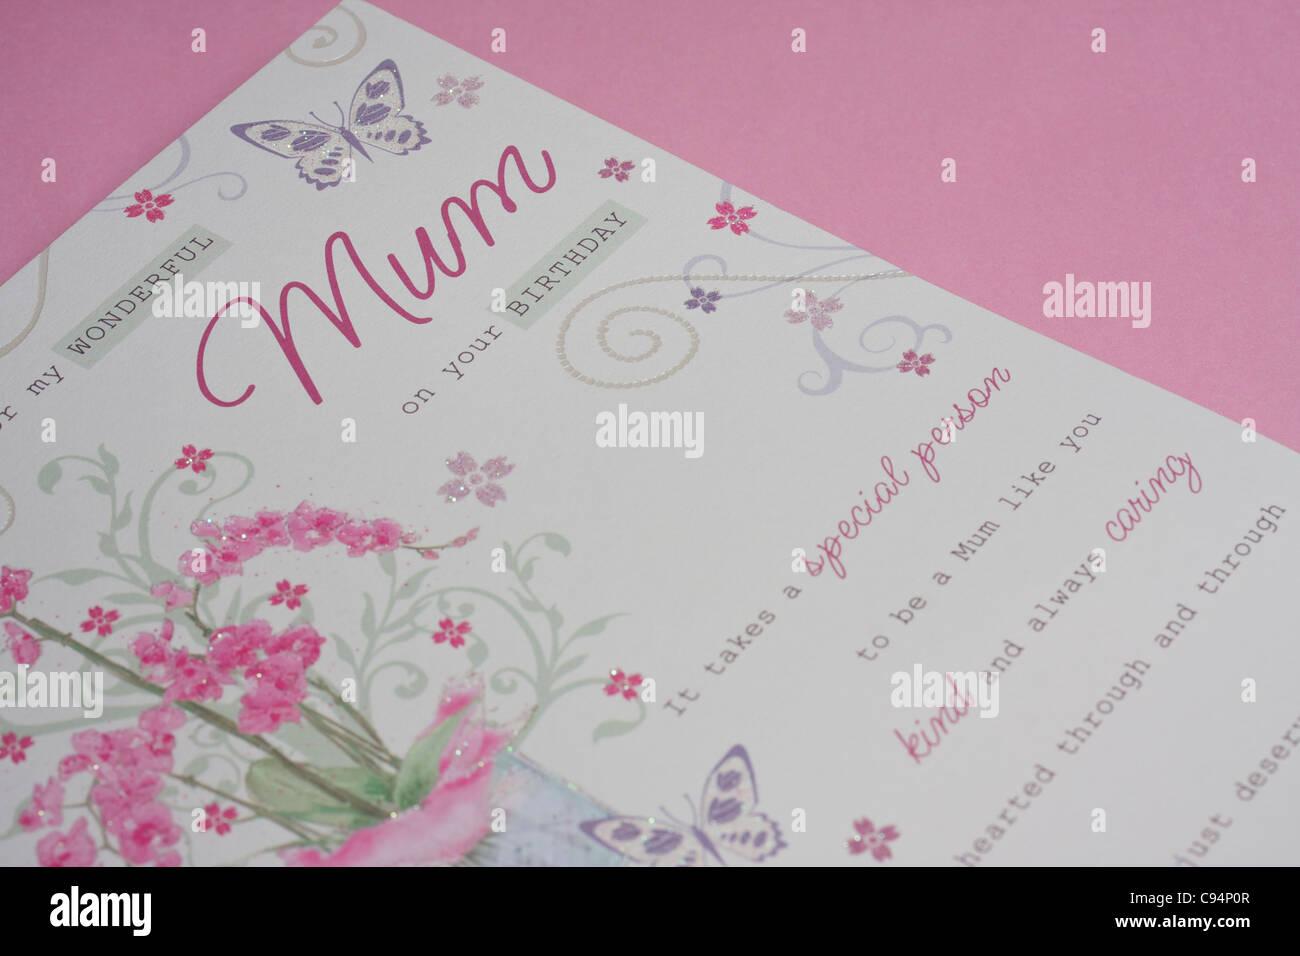 Carte Danniversaire Sur Fond Rose Pour Maman Laccent Sur